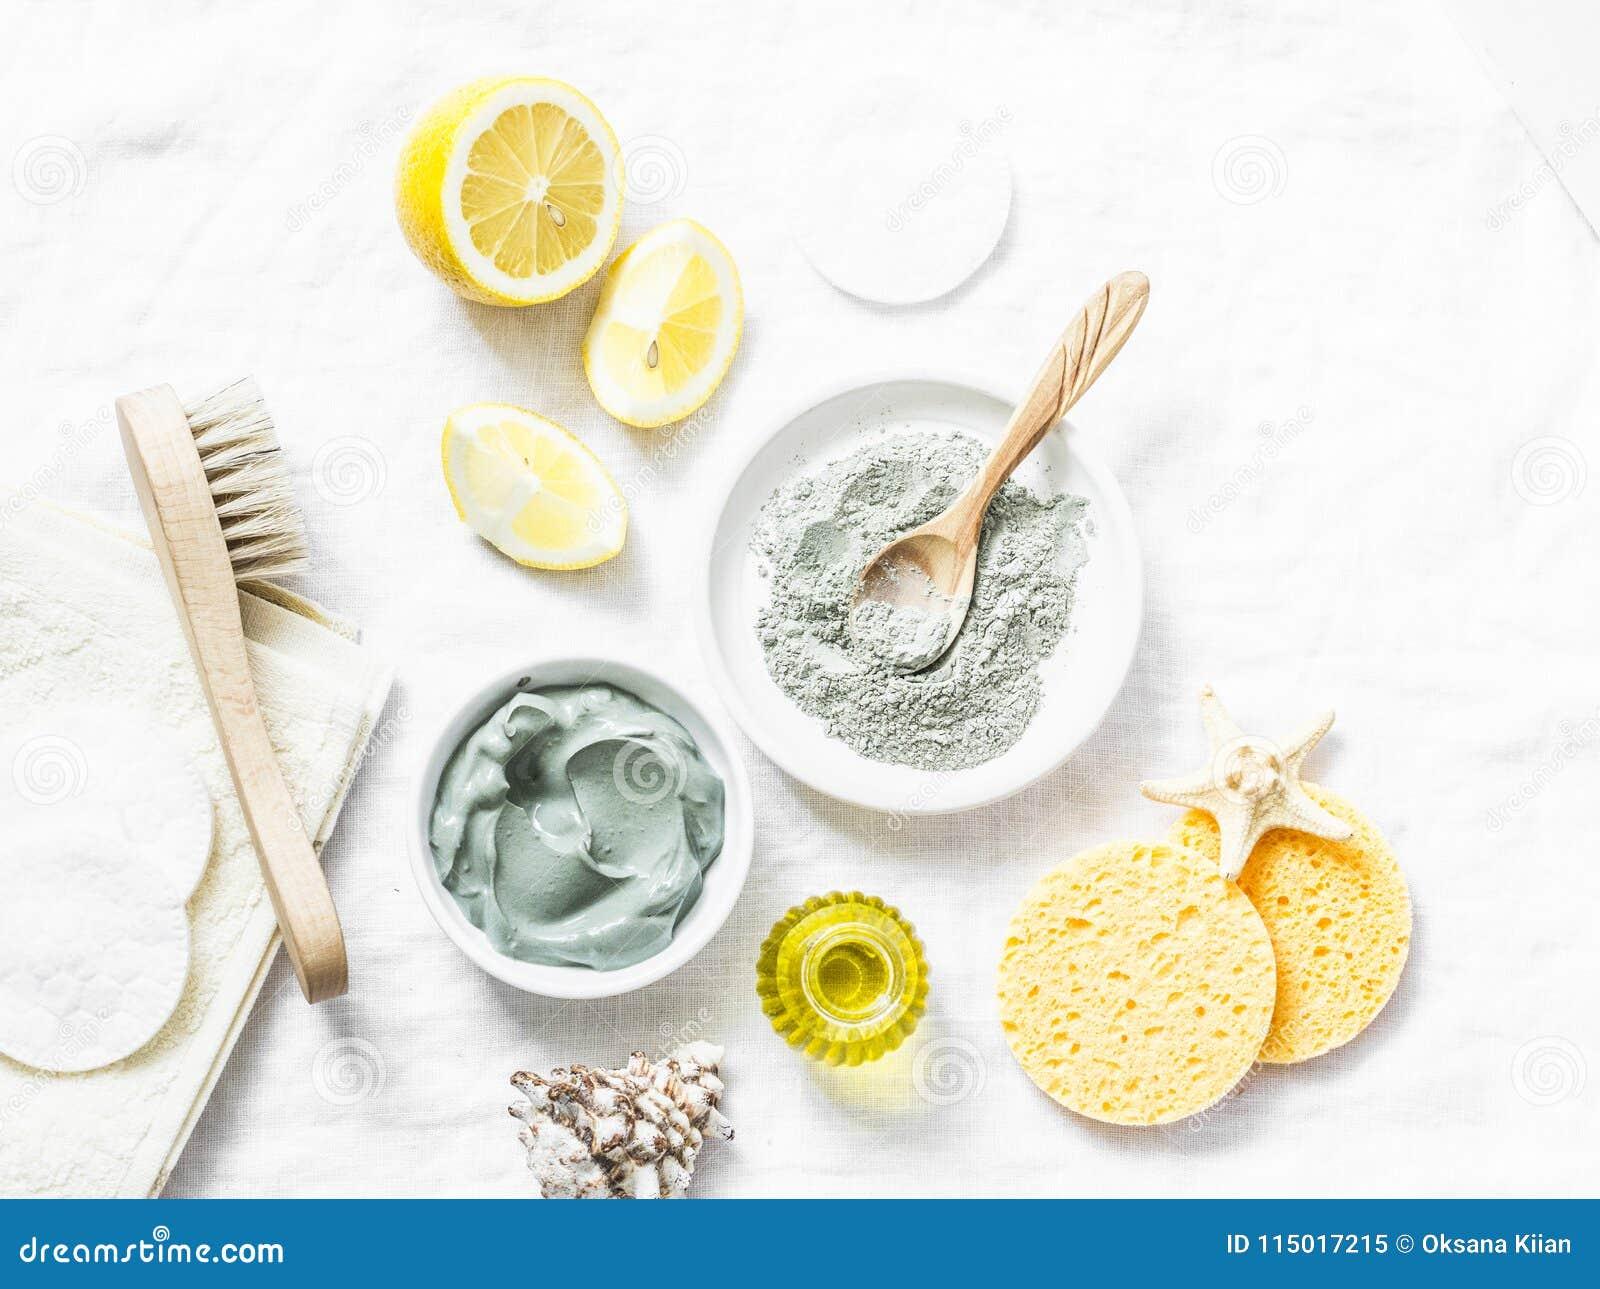 Ansikts- maskering för hemlagad skönhet Lera citron, olja, ansikts- borste - skönhetsproduktingredienser på ljus bakgrund